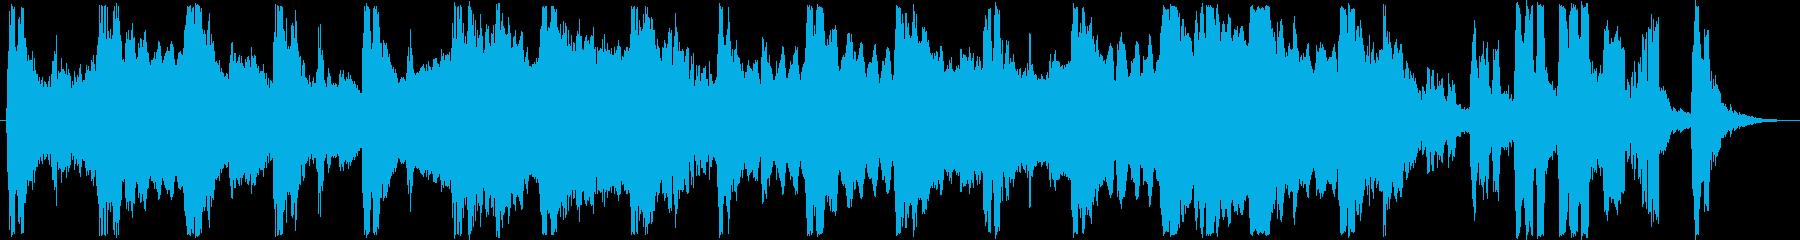 クラシカルなシンセサウンド短めの再生済みの波形